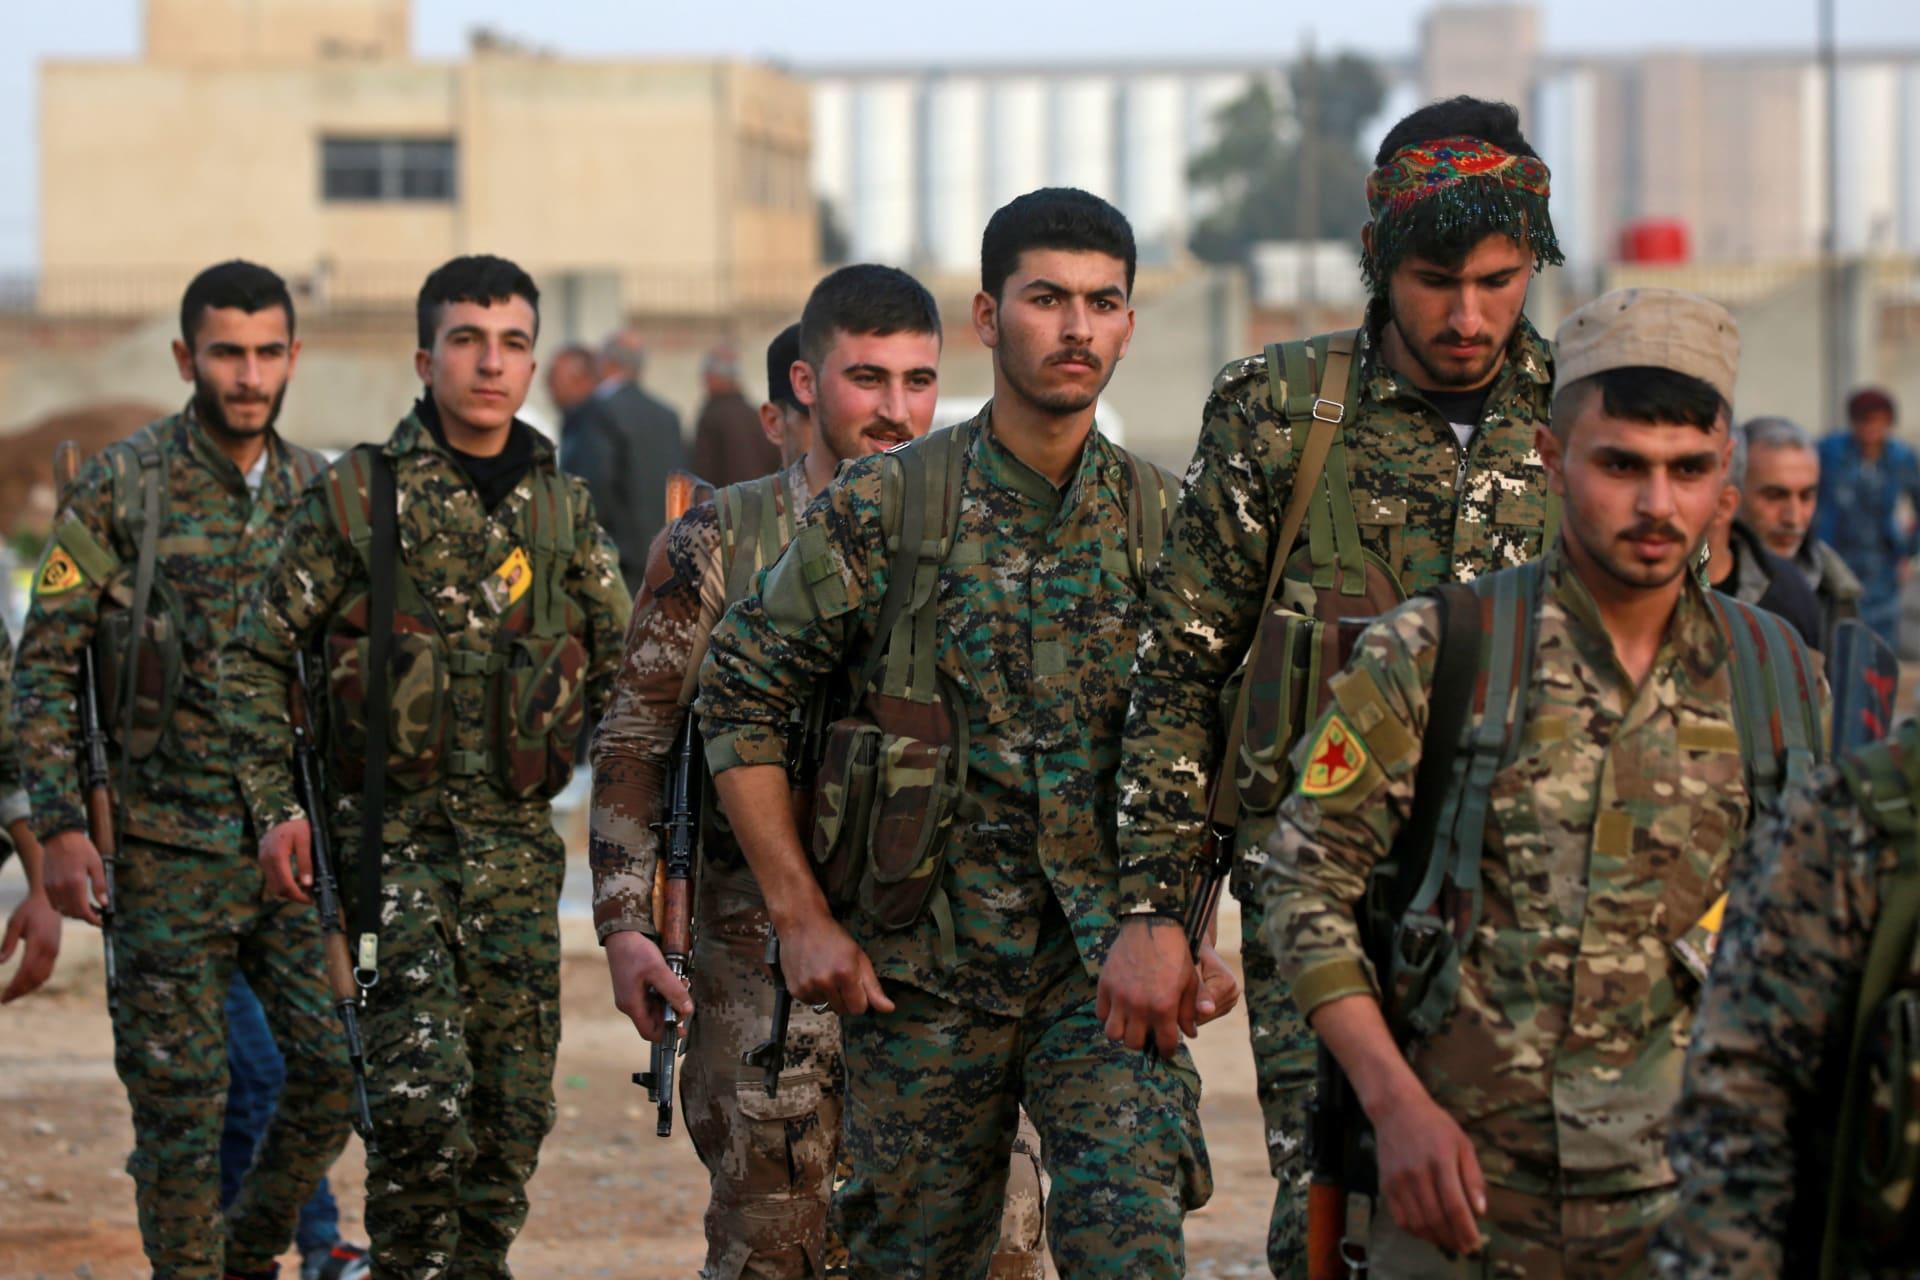 التحالف الدولي: قوات سوريا الديمقراطية استعادت القرى التي خسرتها